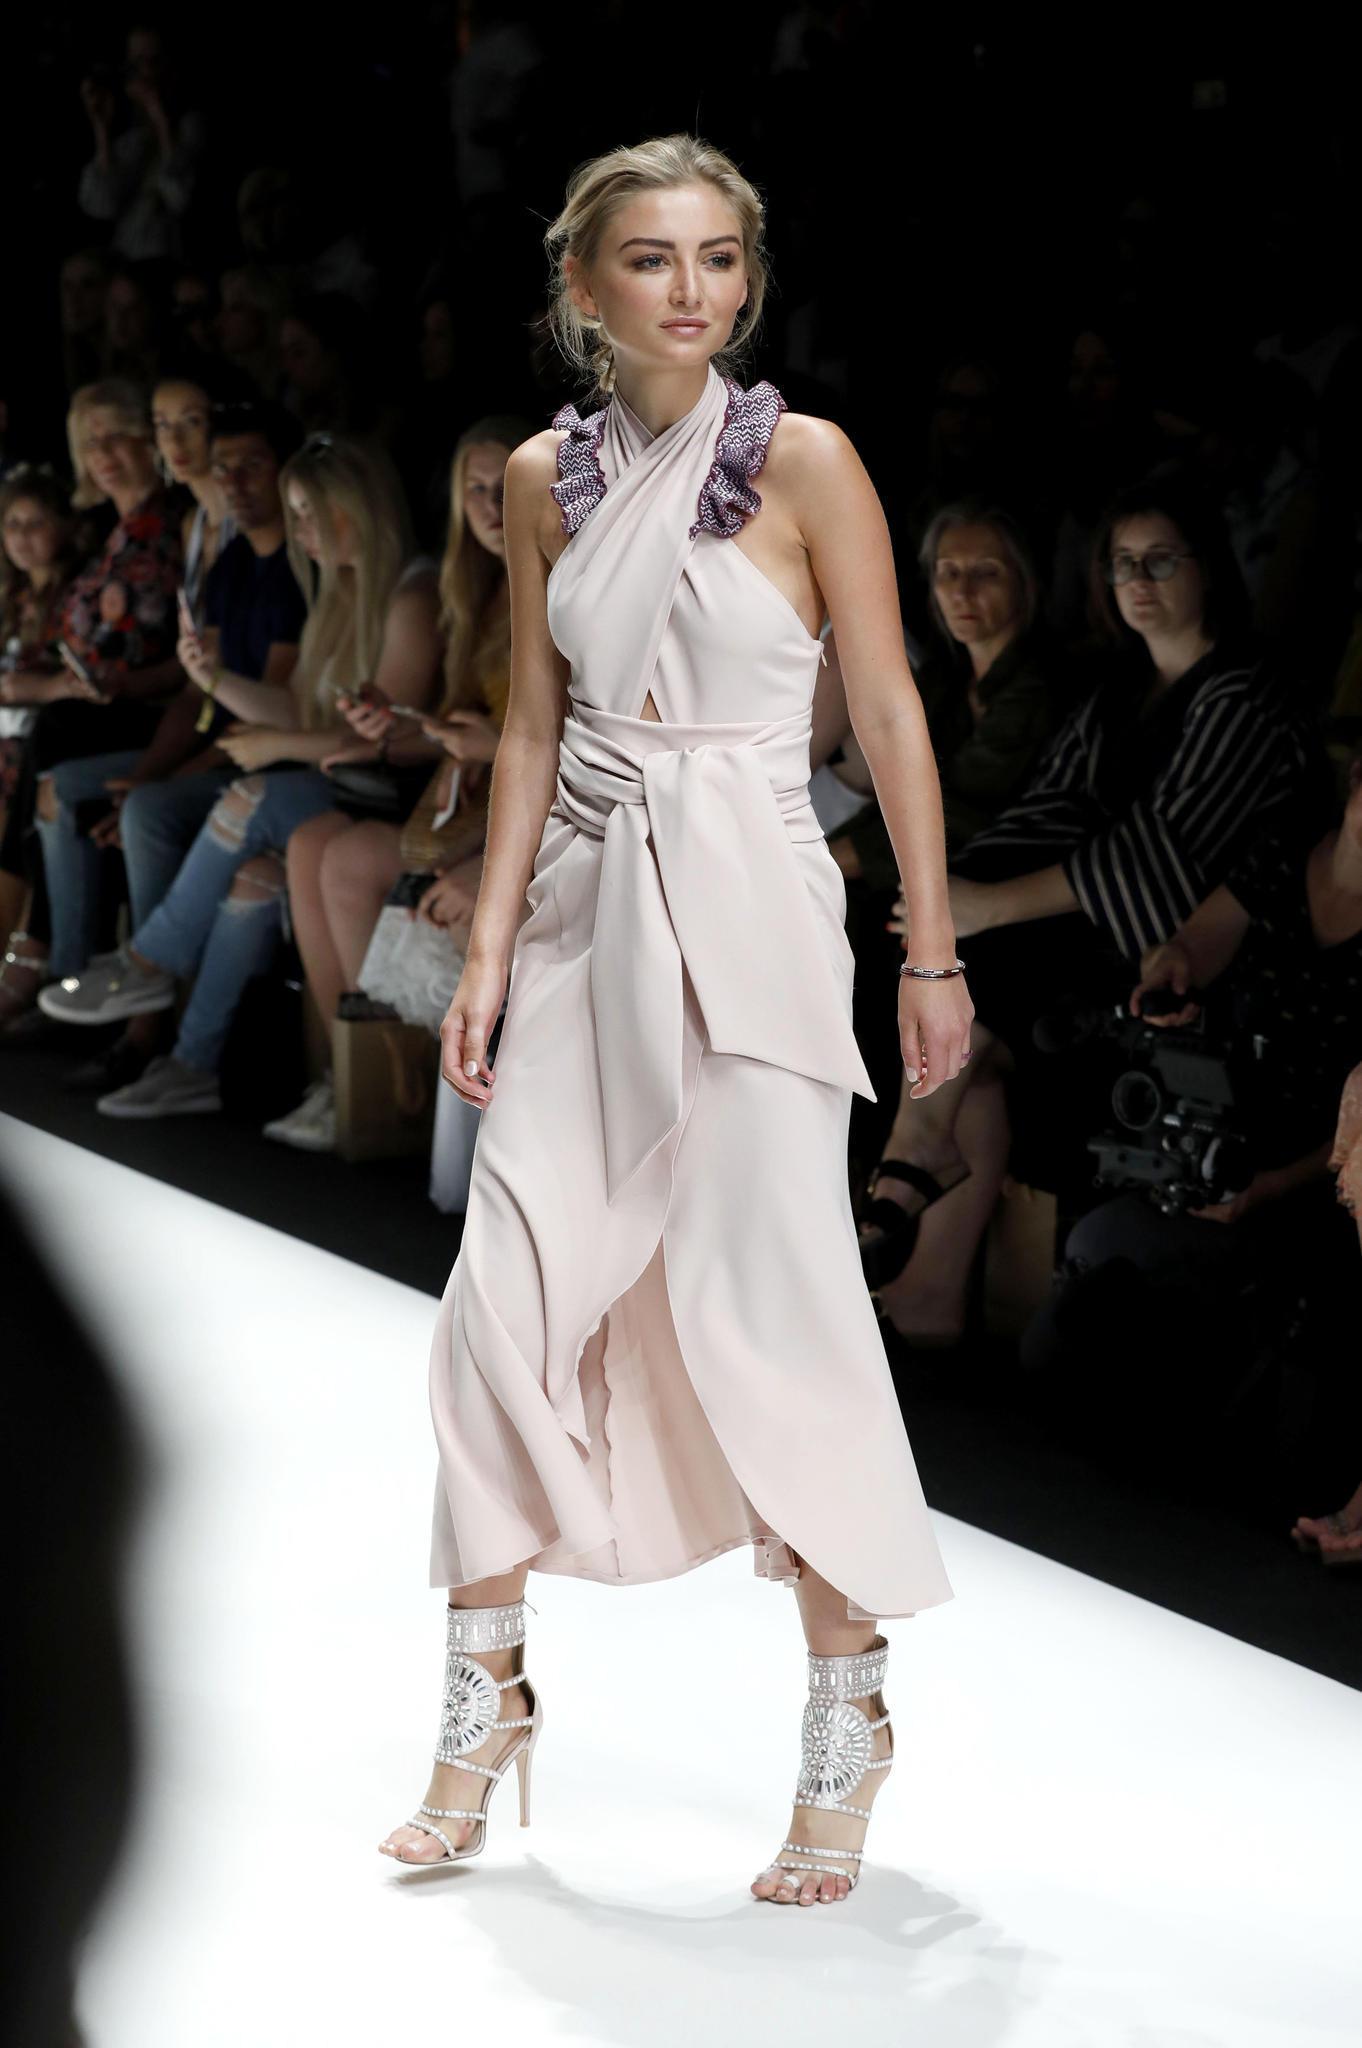 Bis heute ist Julia Wulf ein gefragtes Model und steht regelmäßig vor der Kamera oder auf dem Catwalk - wie hier auf der Berliner Fashion Week für Lana Müller.